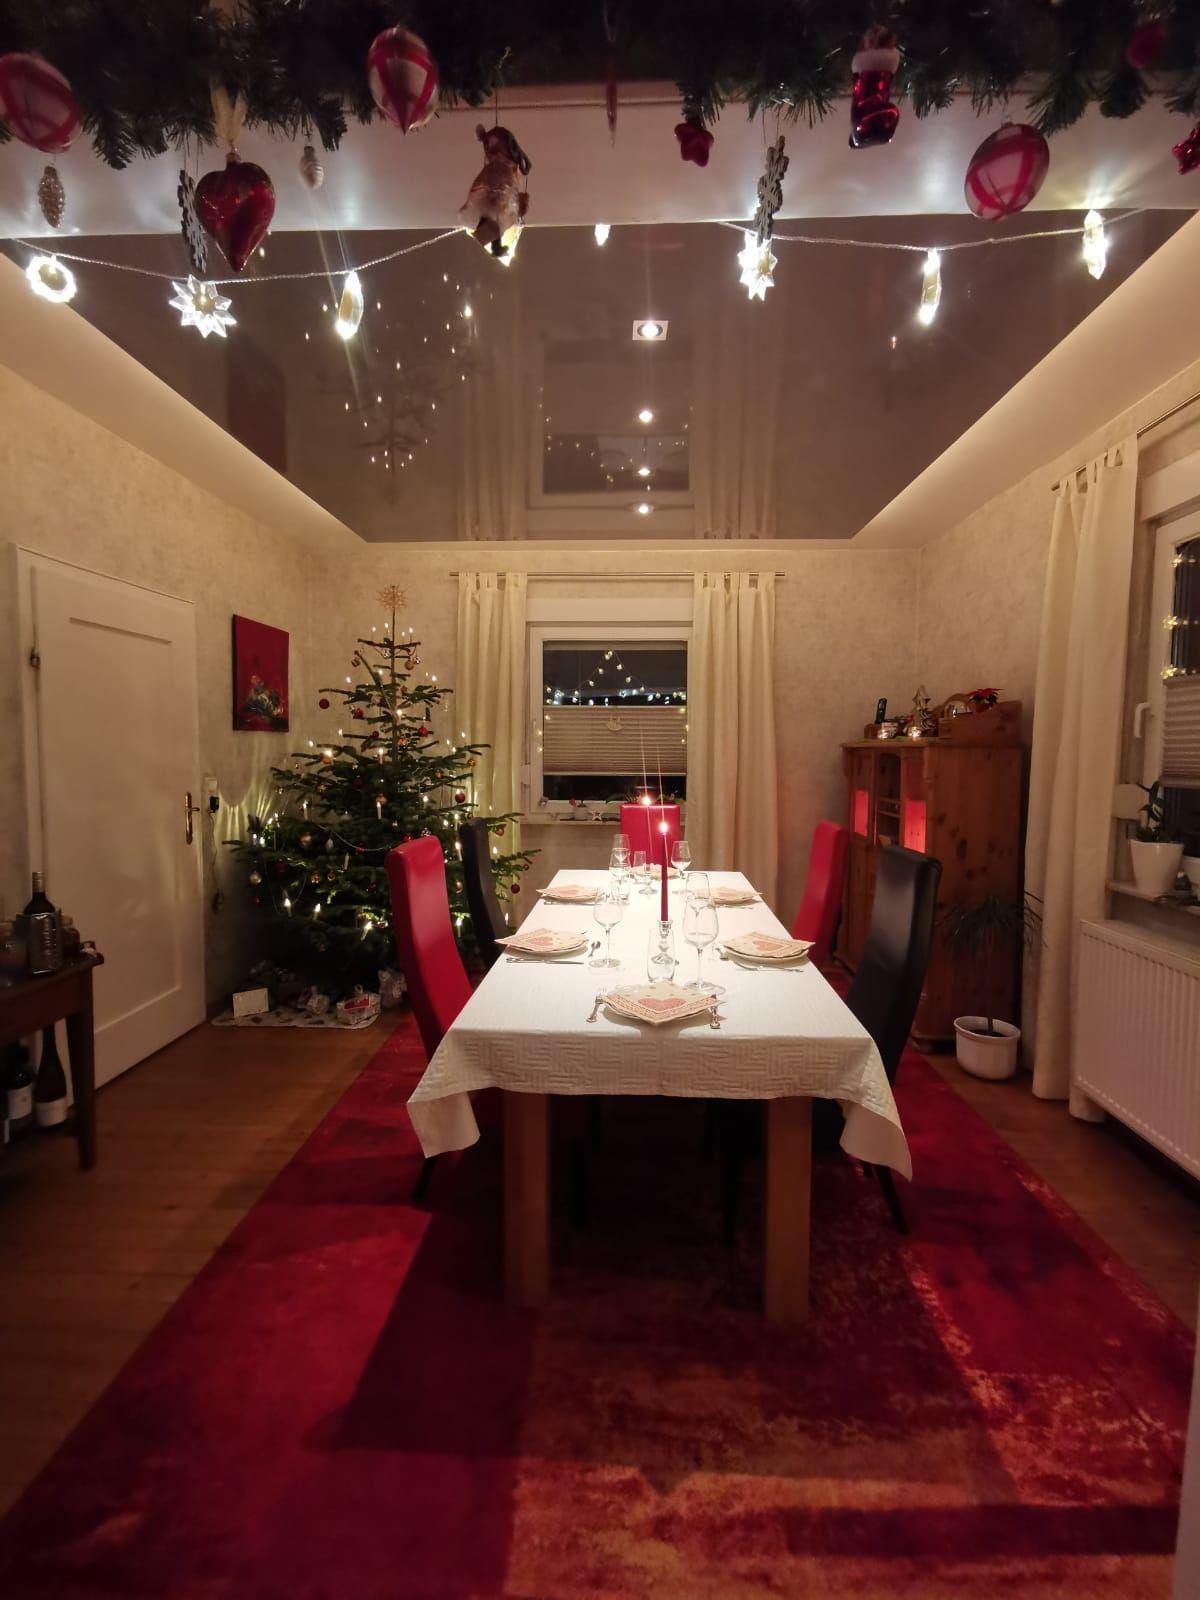 Spanndeckenmodul An Weihnachten In 2020 Spanndecken Haus Deko Deckenverkleidung